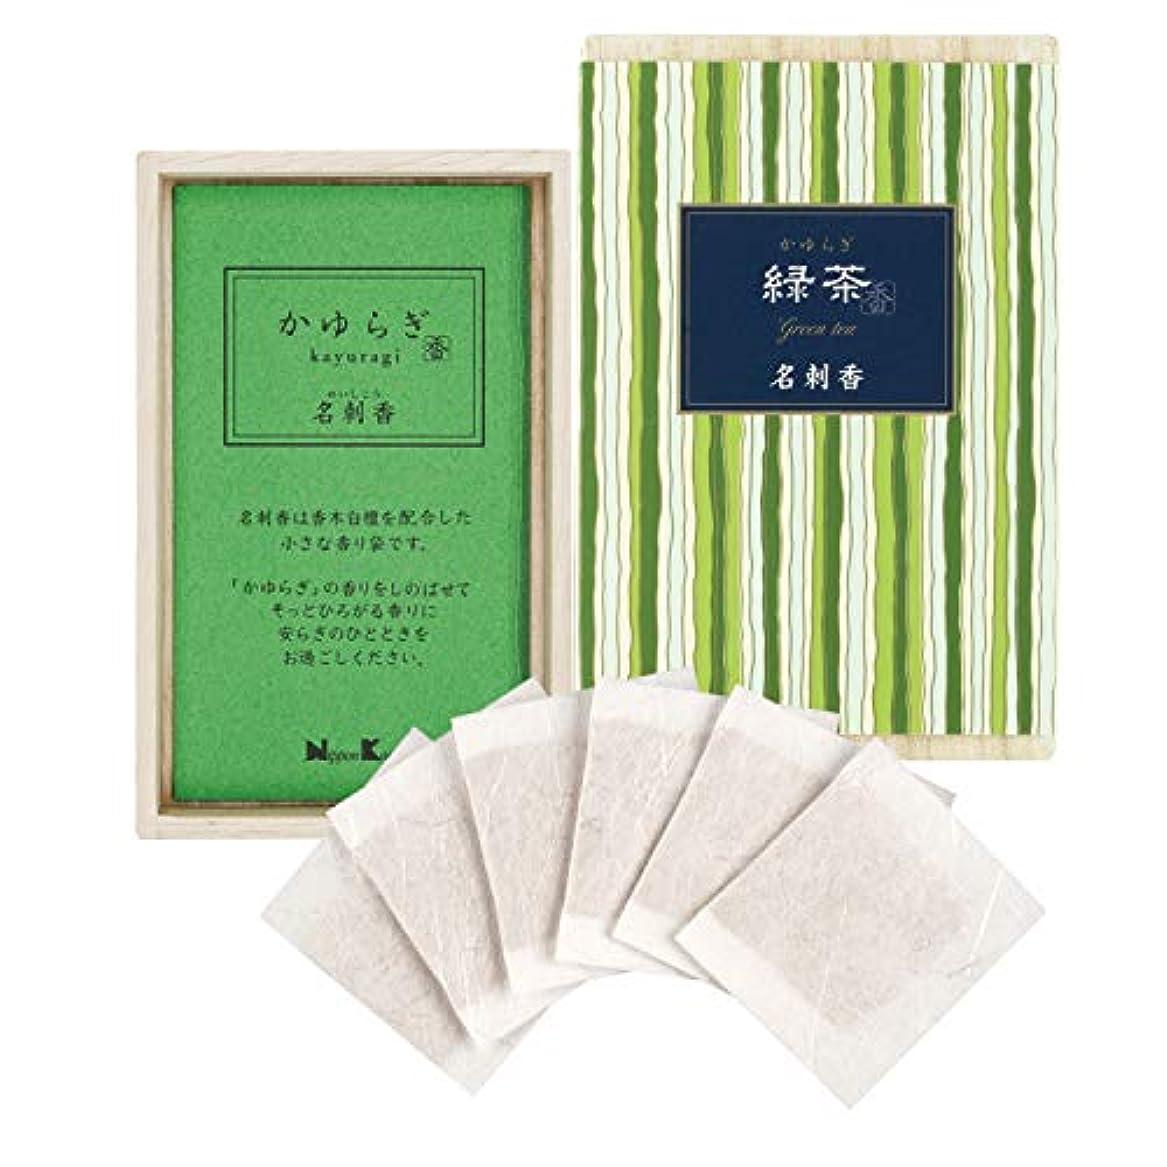 認める甘いオッズかゆらぎ 緑茶 名刺香 桐箱 6入